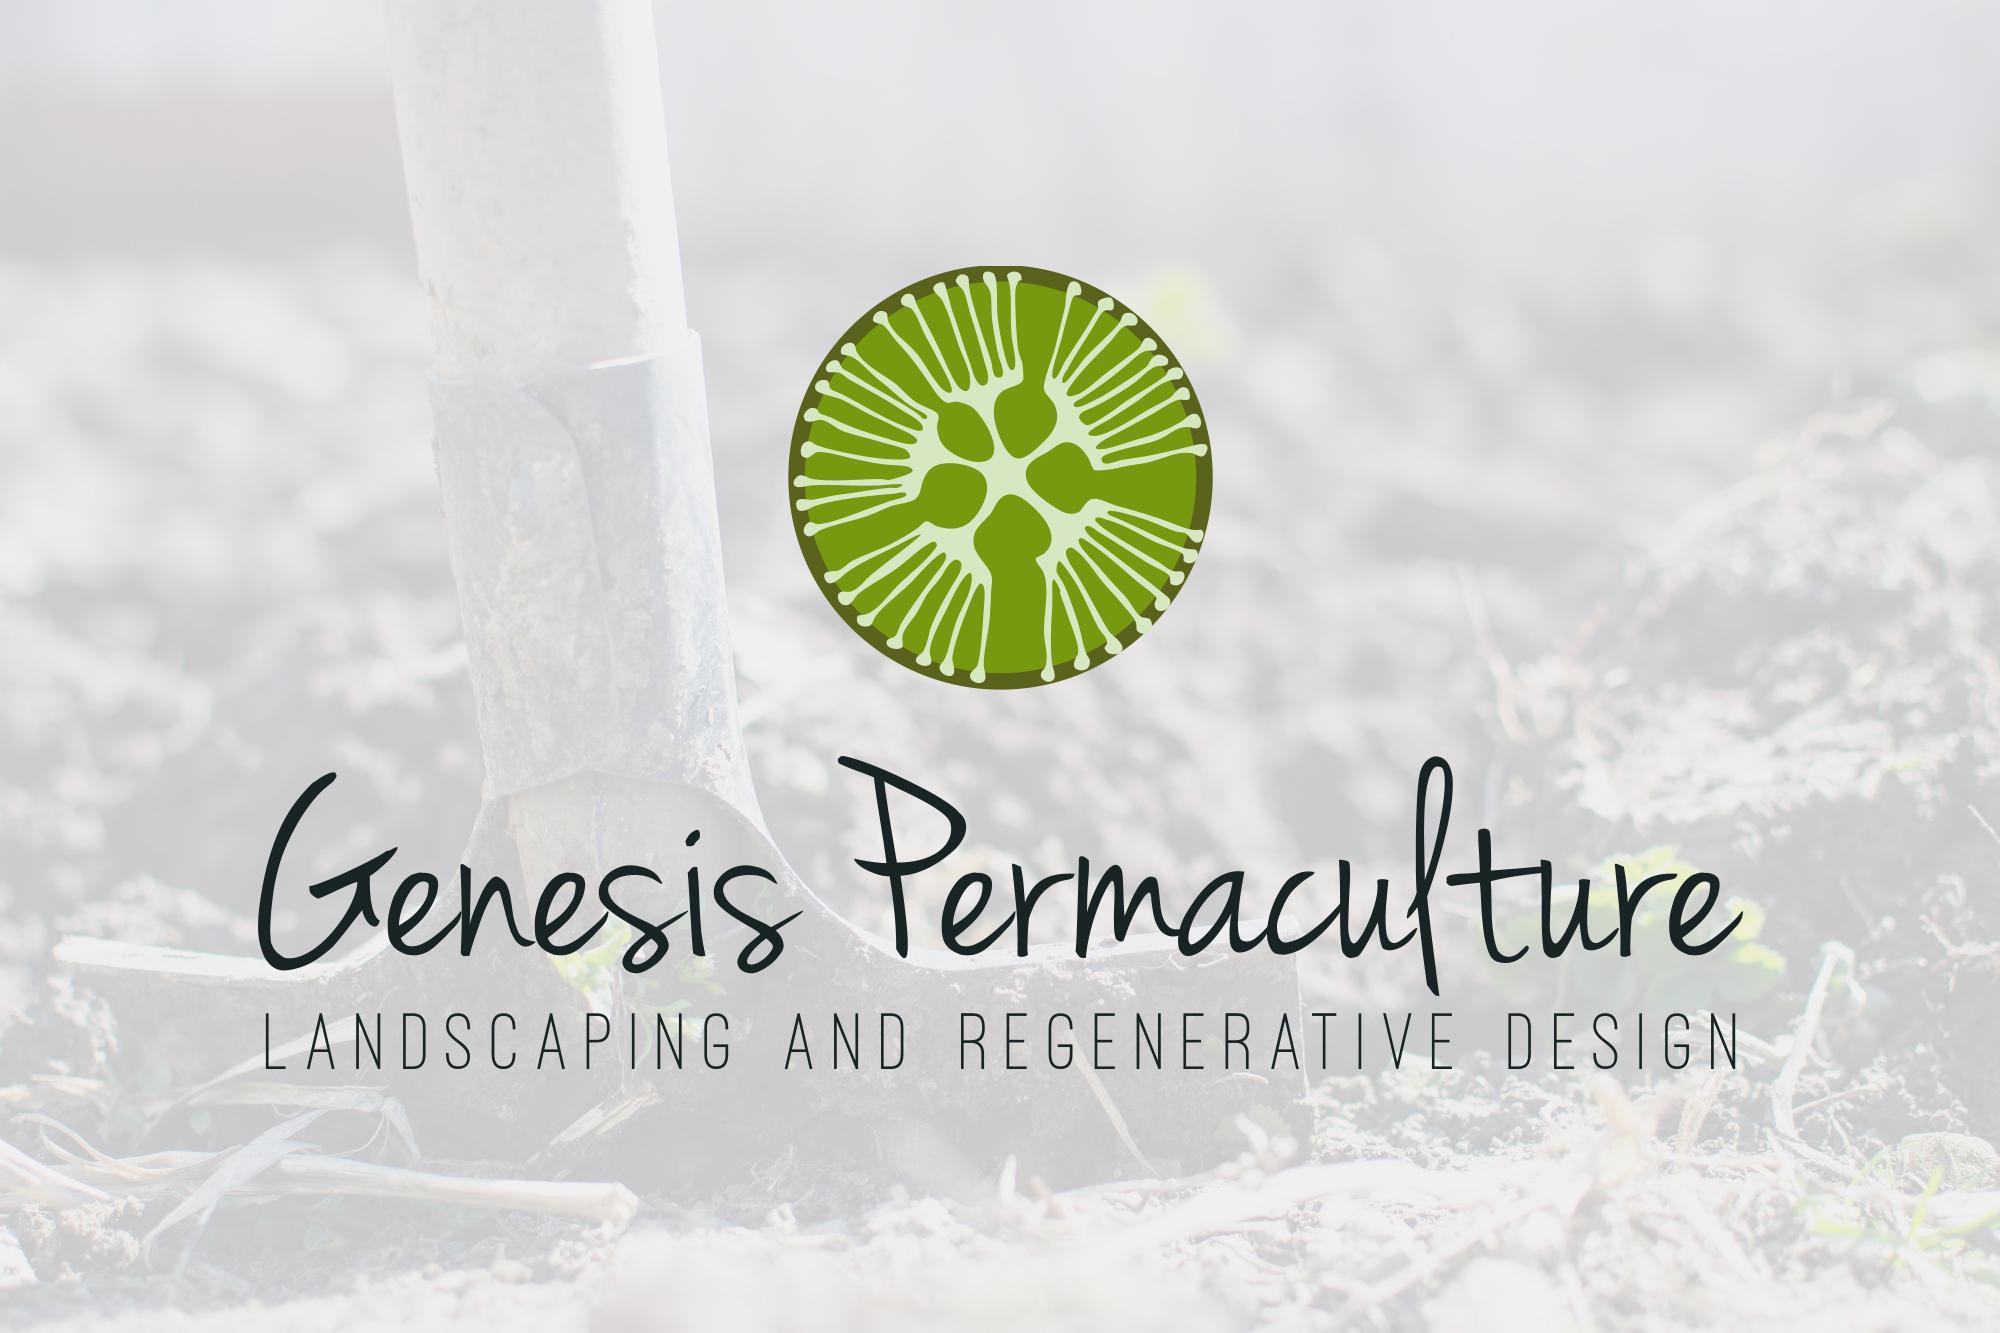 Genesis-Permaculture.jpg